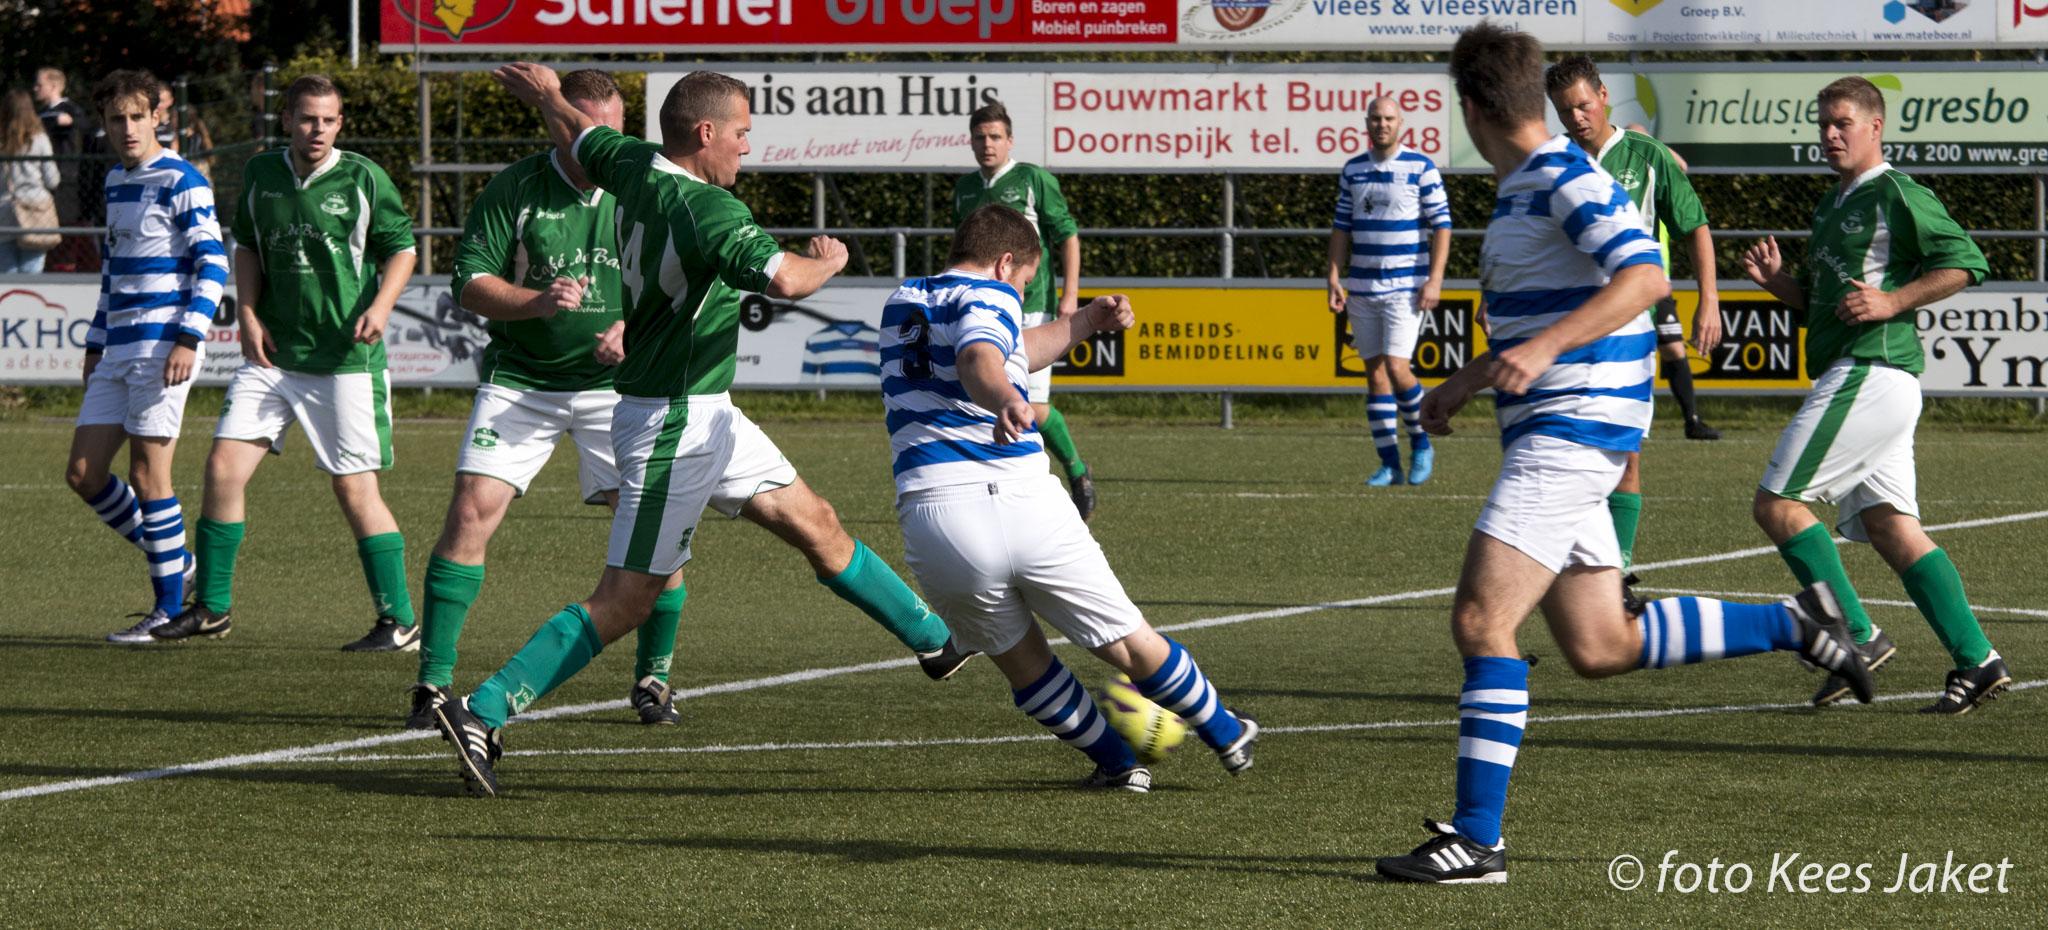 ESC 3 wint derby met klinkende cijfers - Elburger SC